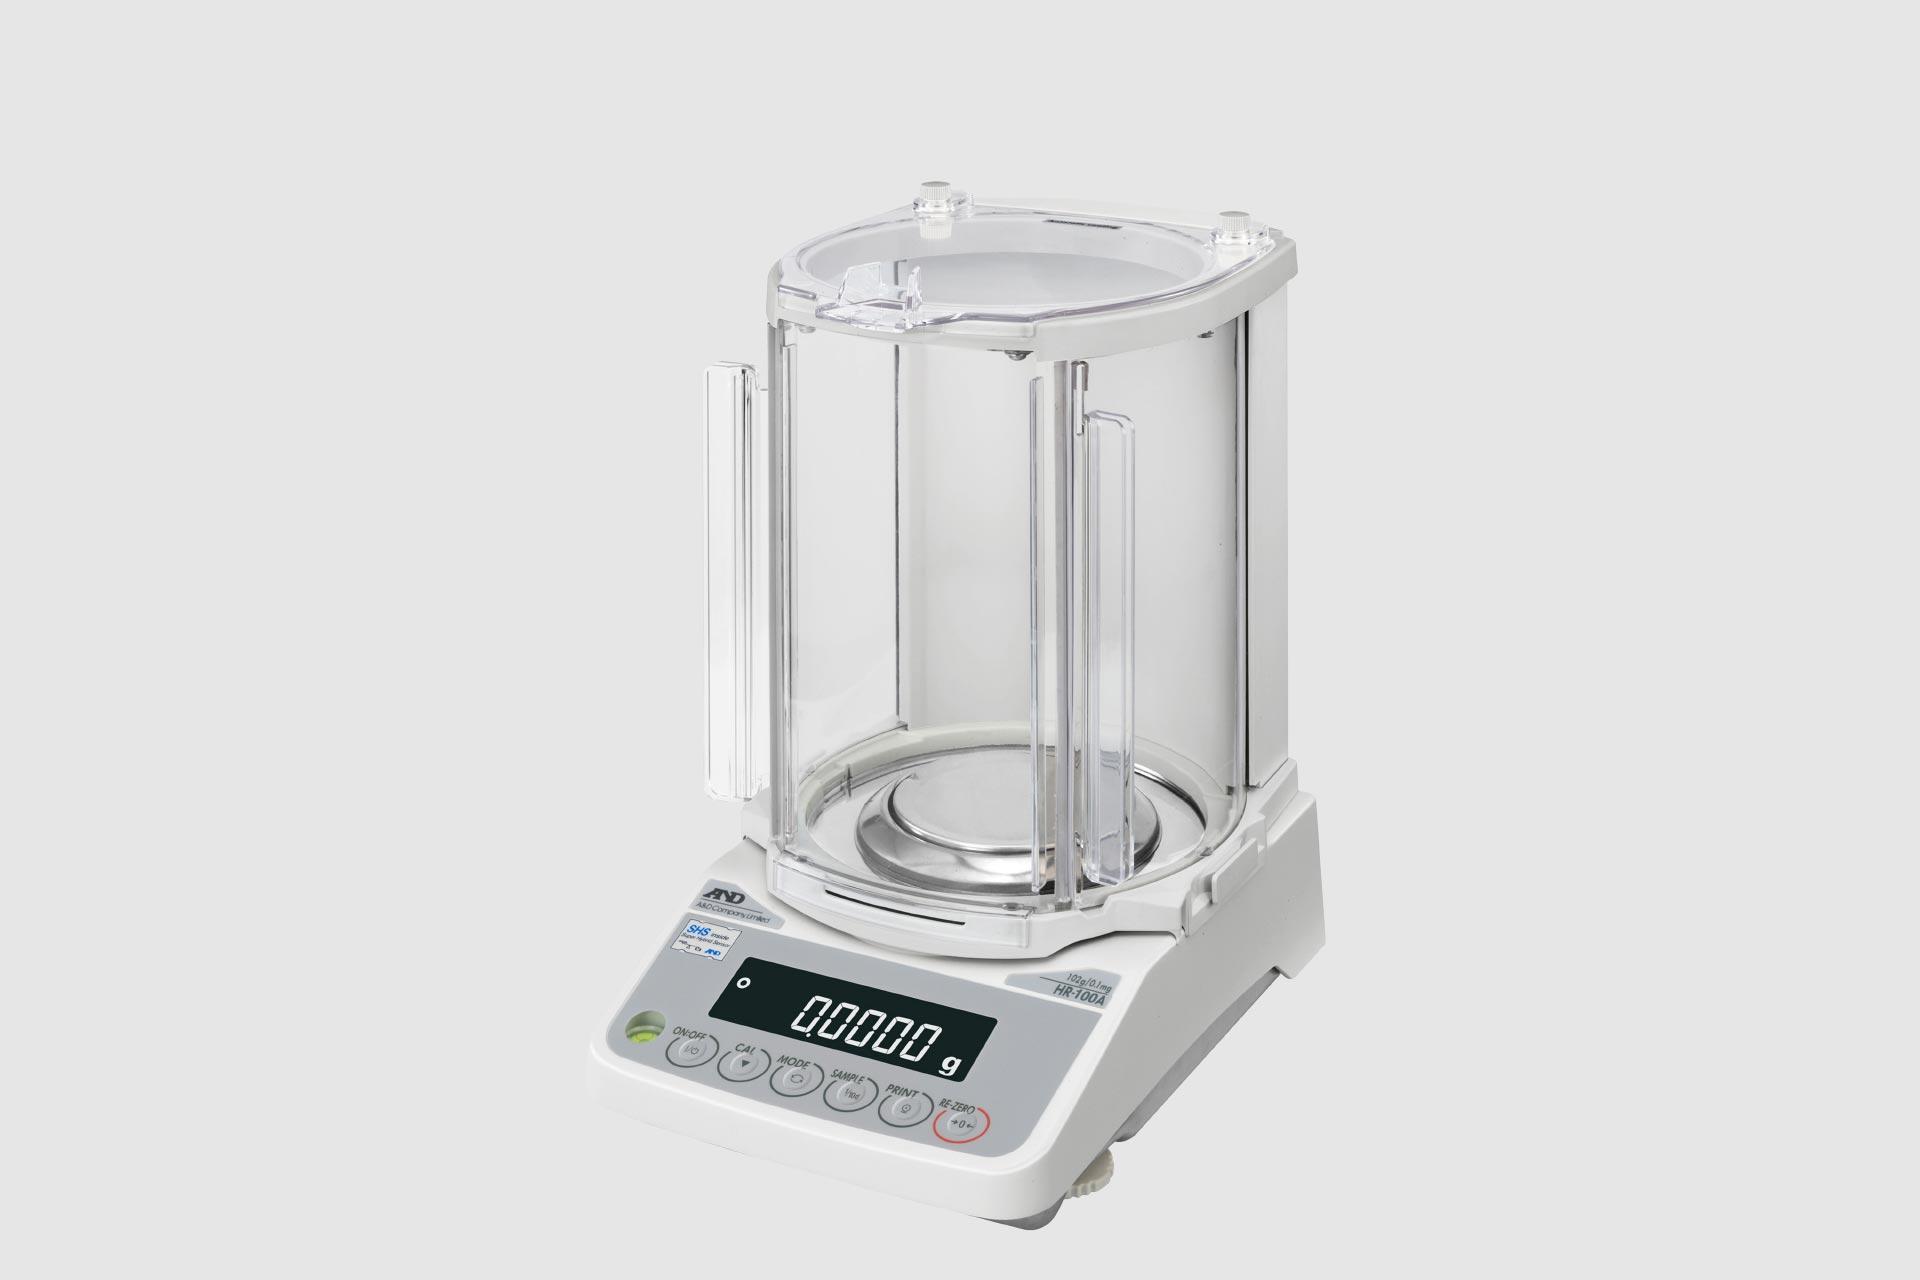 Analysenwaagen sind die empfindlichste Form von Laborwaagen mit einer Auflösung von üblicherweise 0,1mg